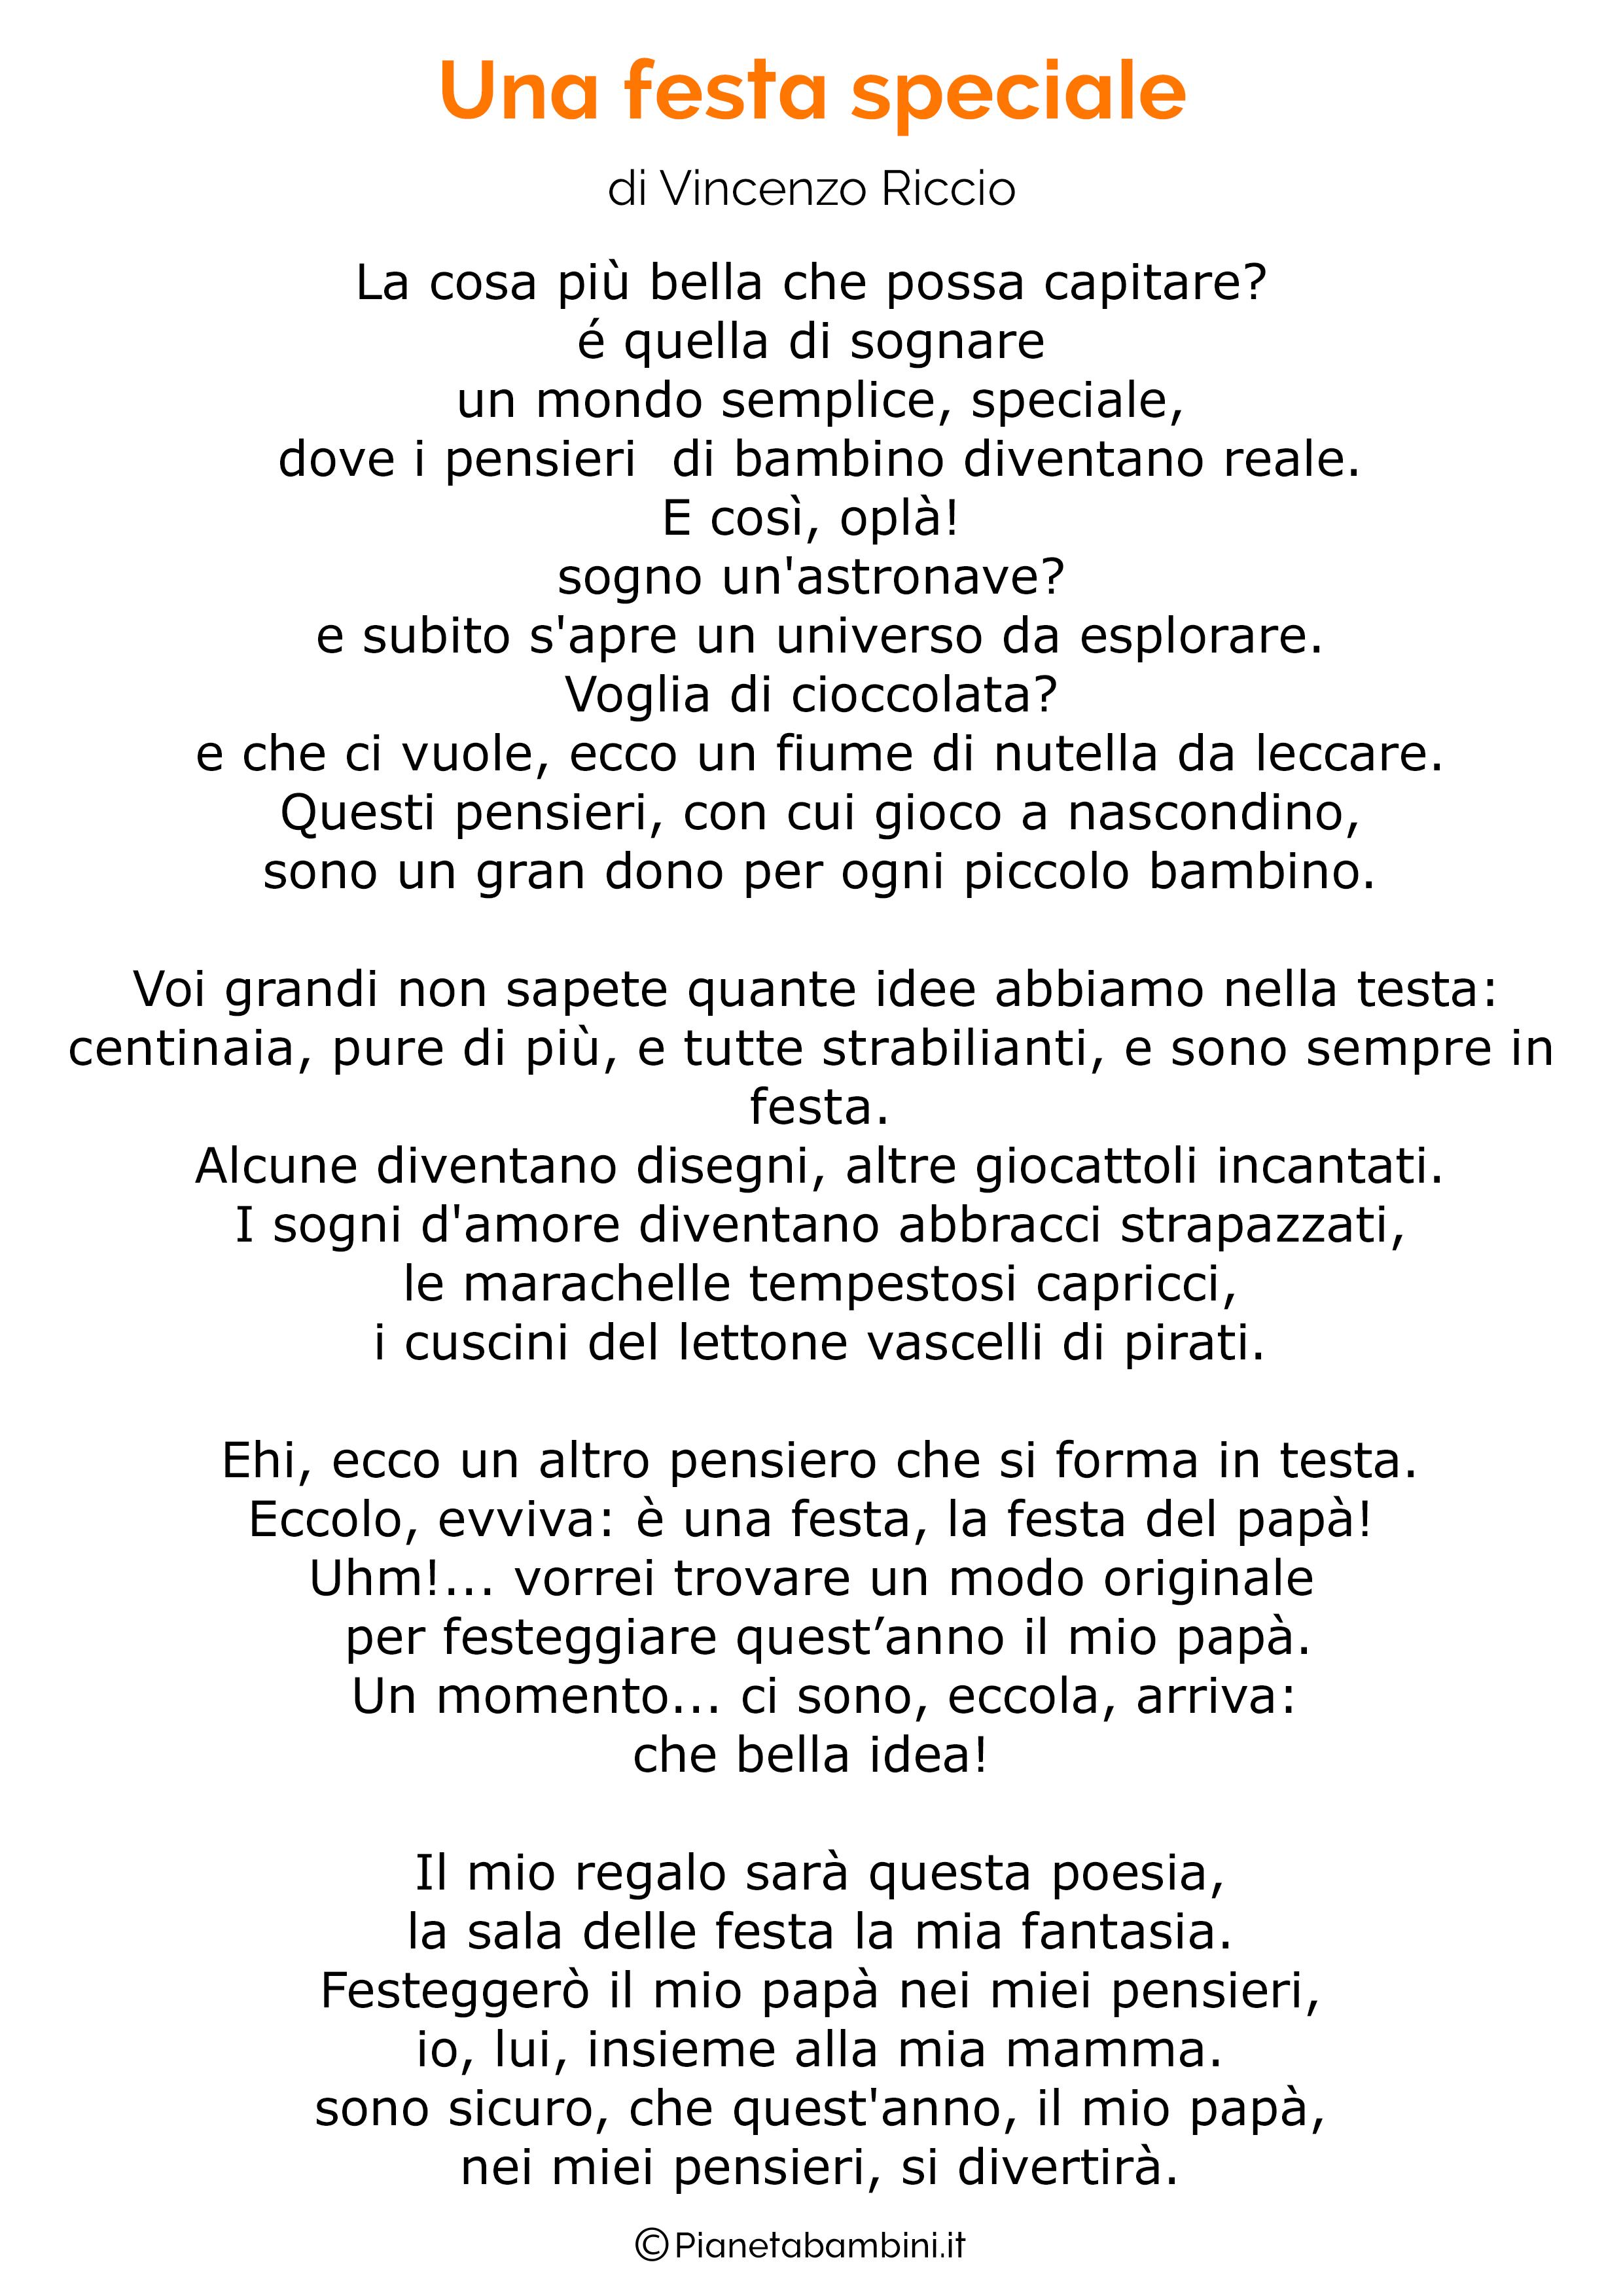 Poesia per la festa del papa per bambini 04